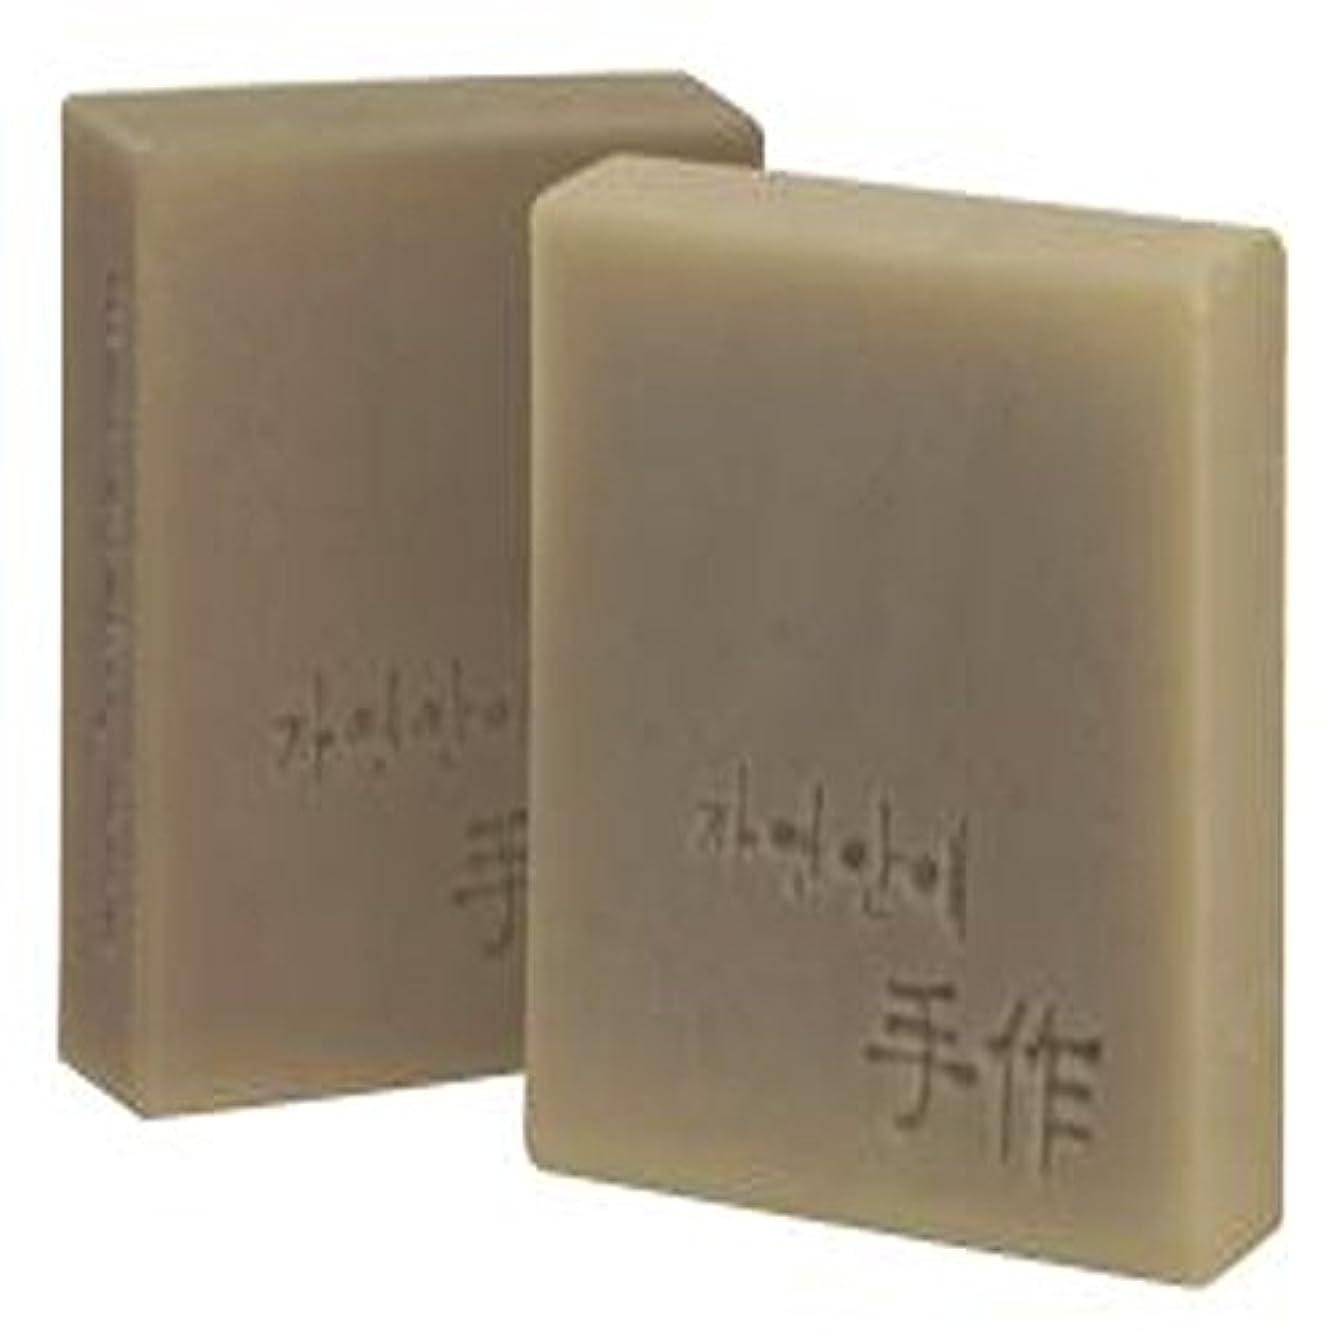 本質的に鉄セッションNatural organic 有機天然ソープ 固形 無添加 洗顔 (にんじん) [並行輸入品]